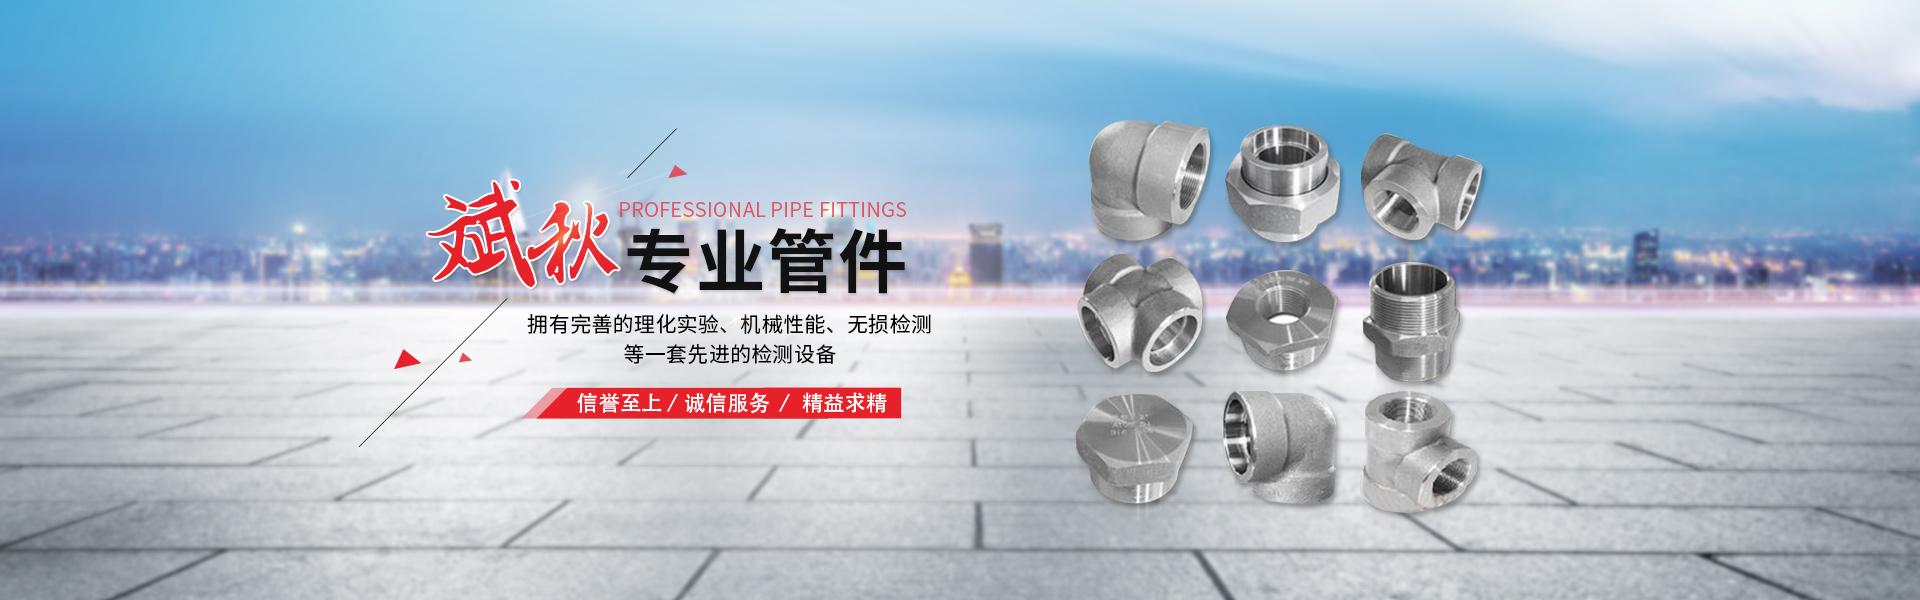 上海斌秋高压管件制造有限公司